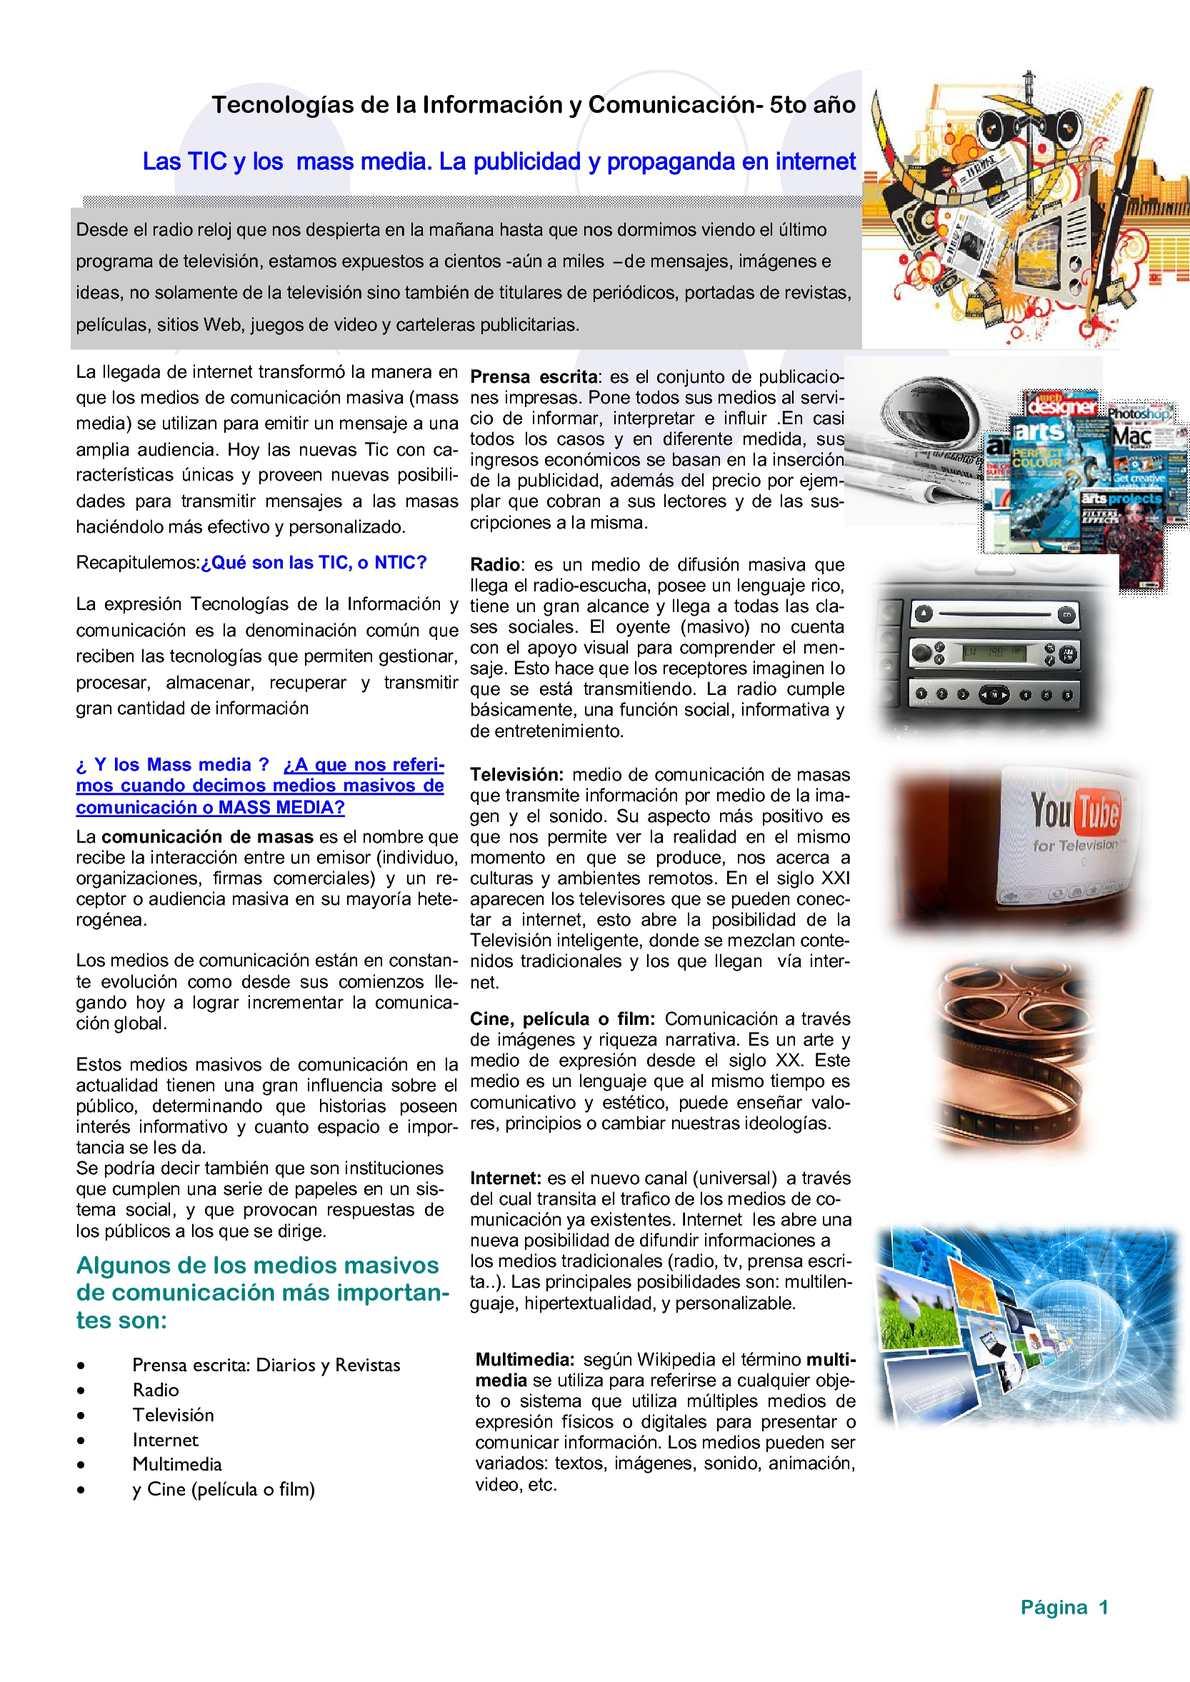 94e55b600d78 Calaméo - Los mass media y las TIC.Publicidad y propaganda en internet